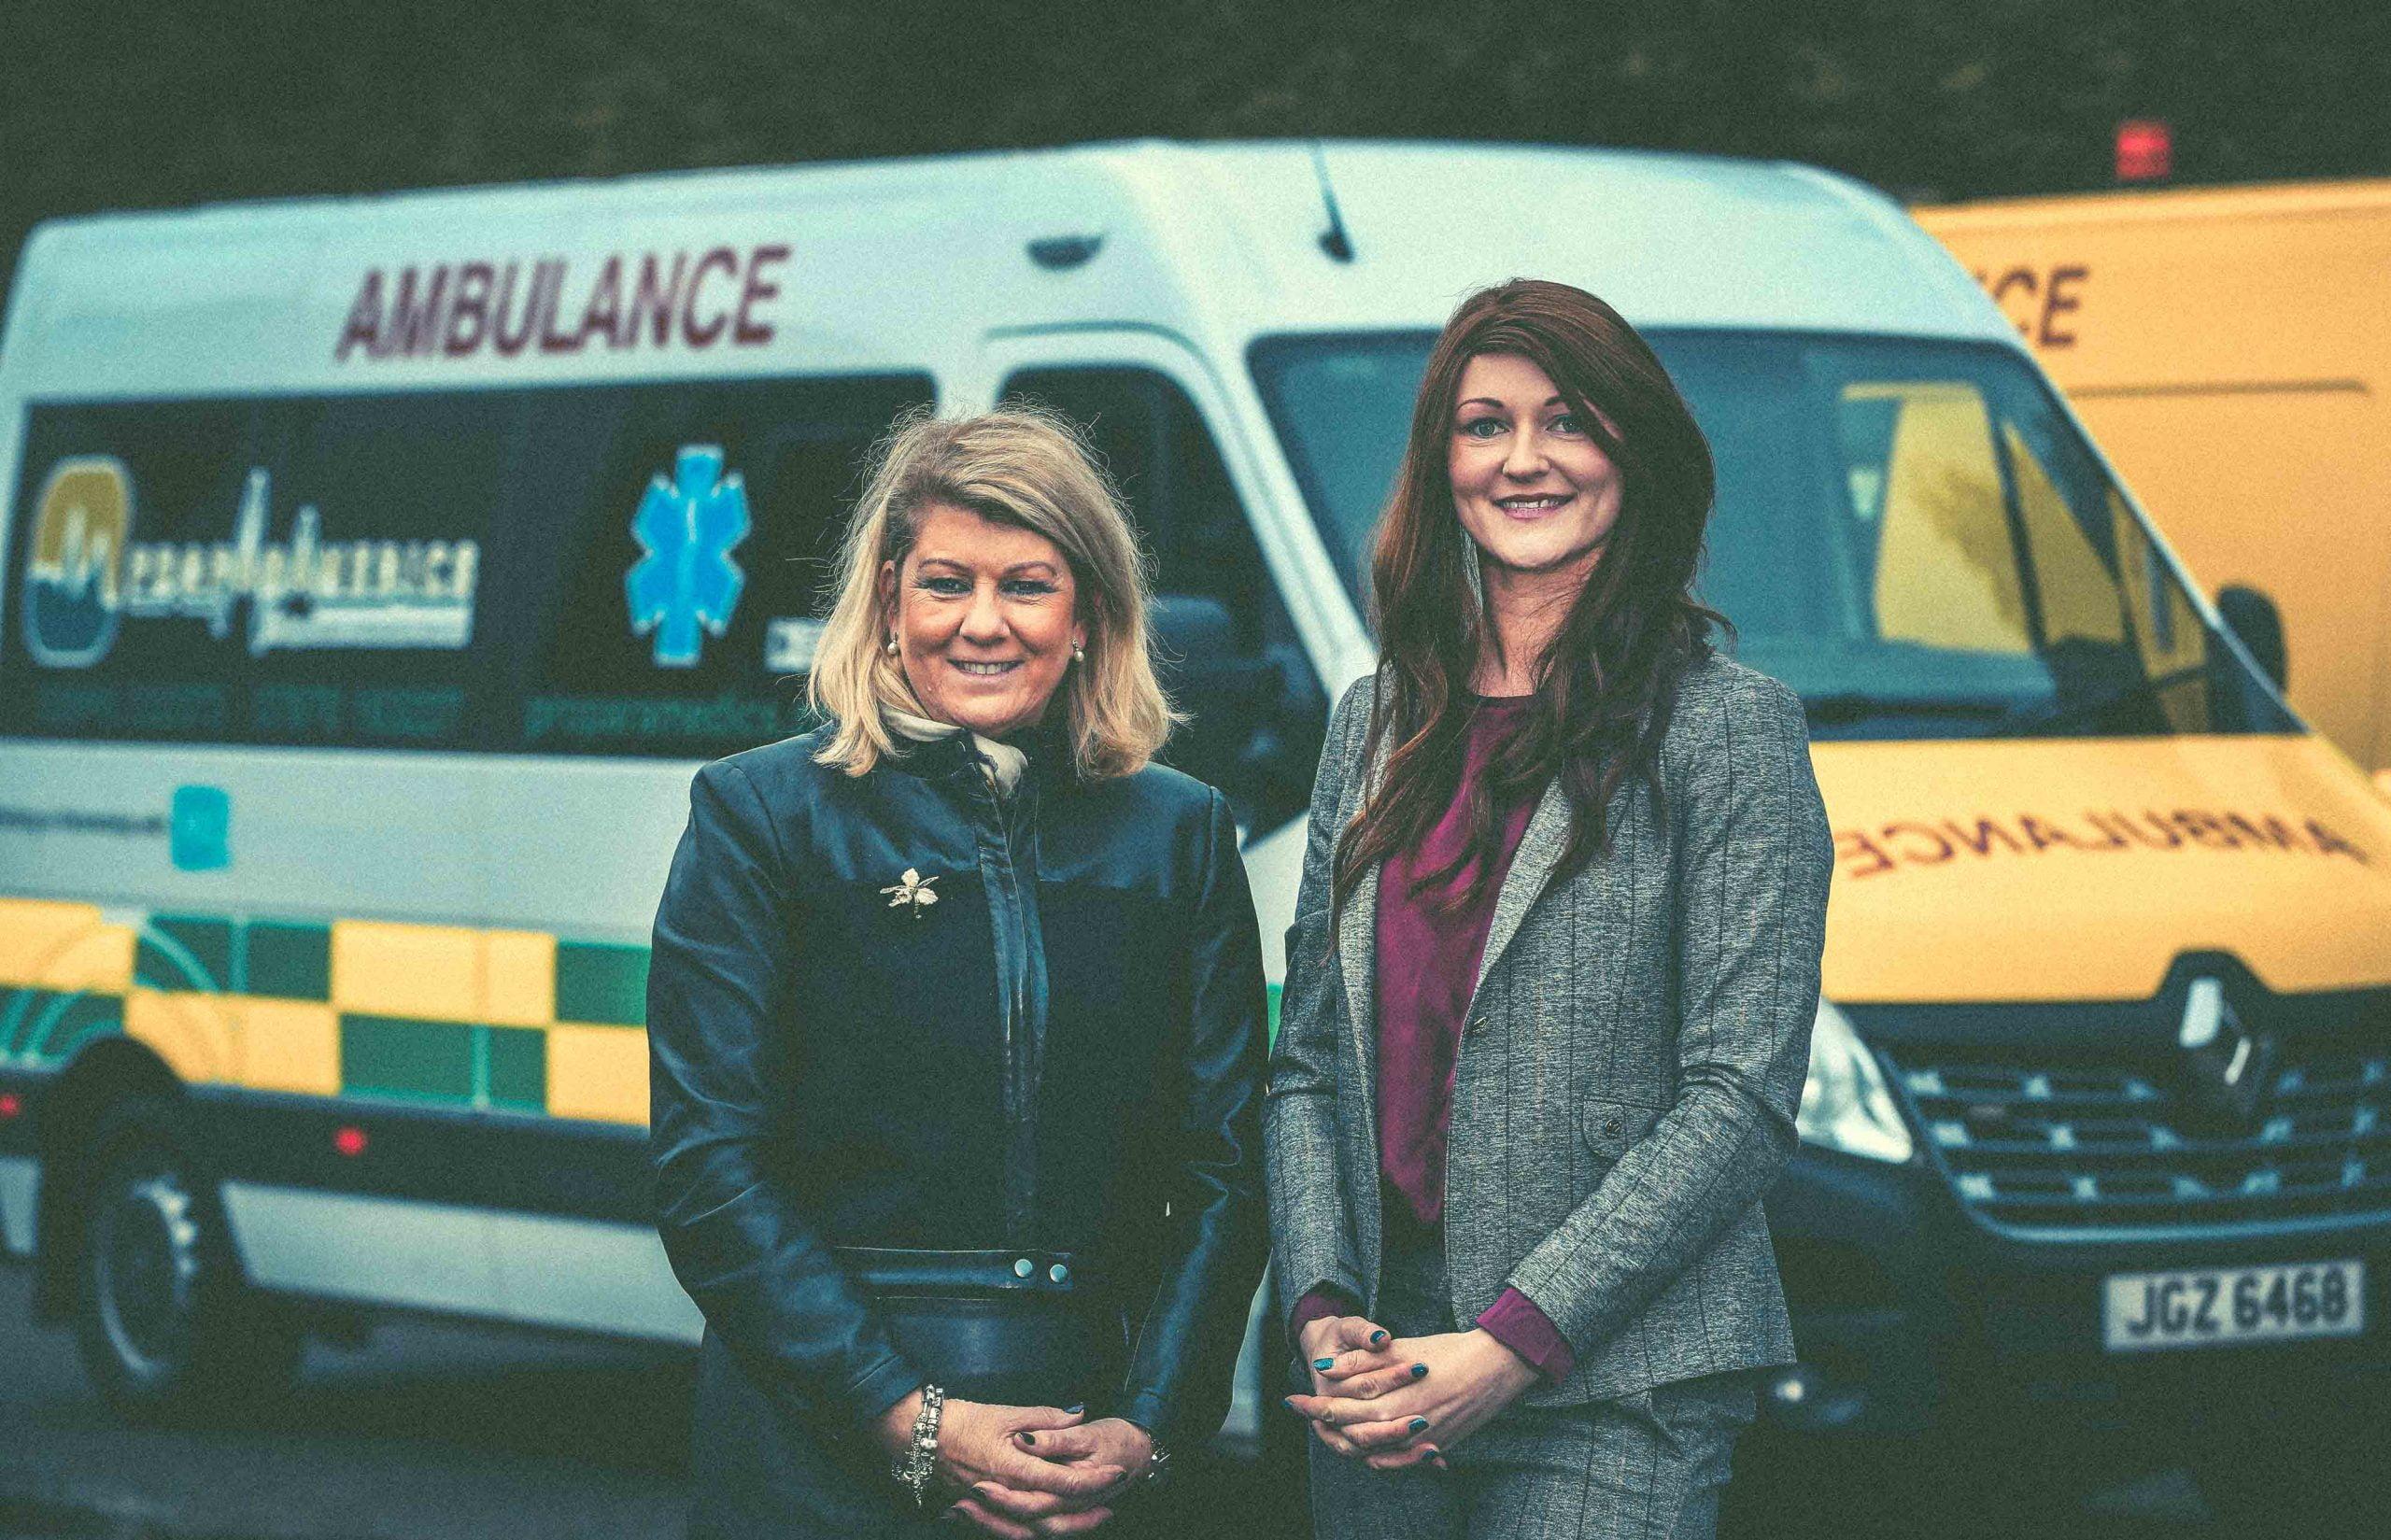 proparamedics-ambulance-service